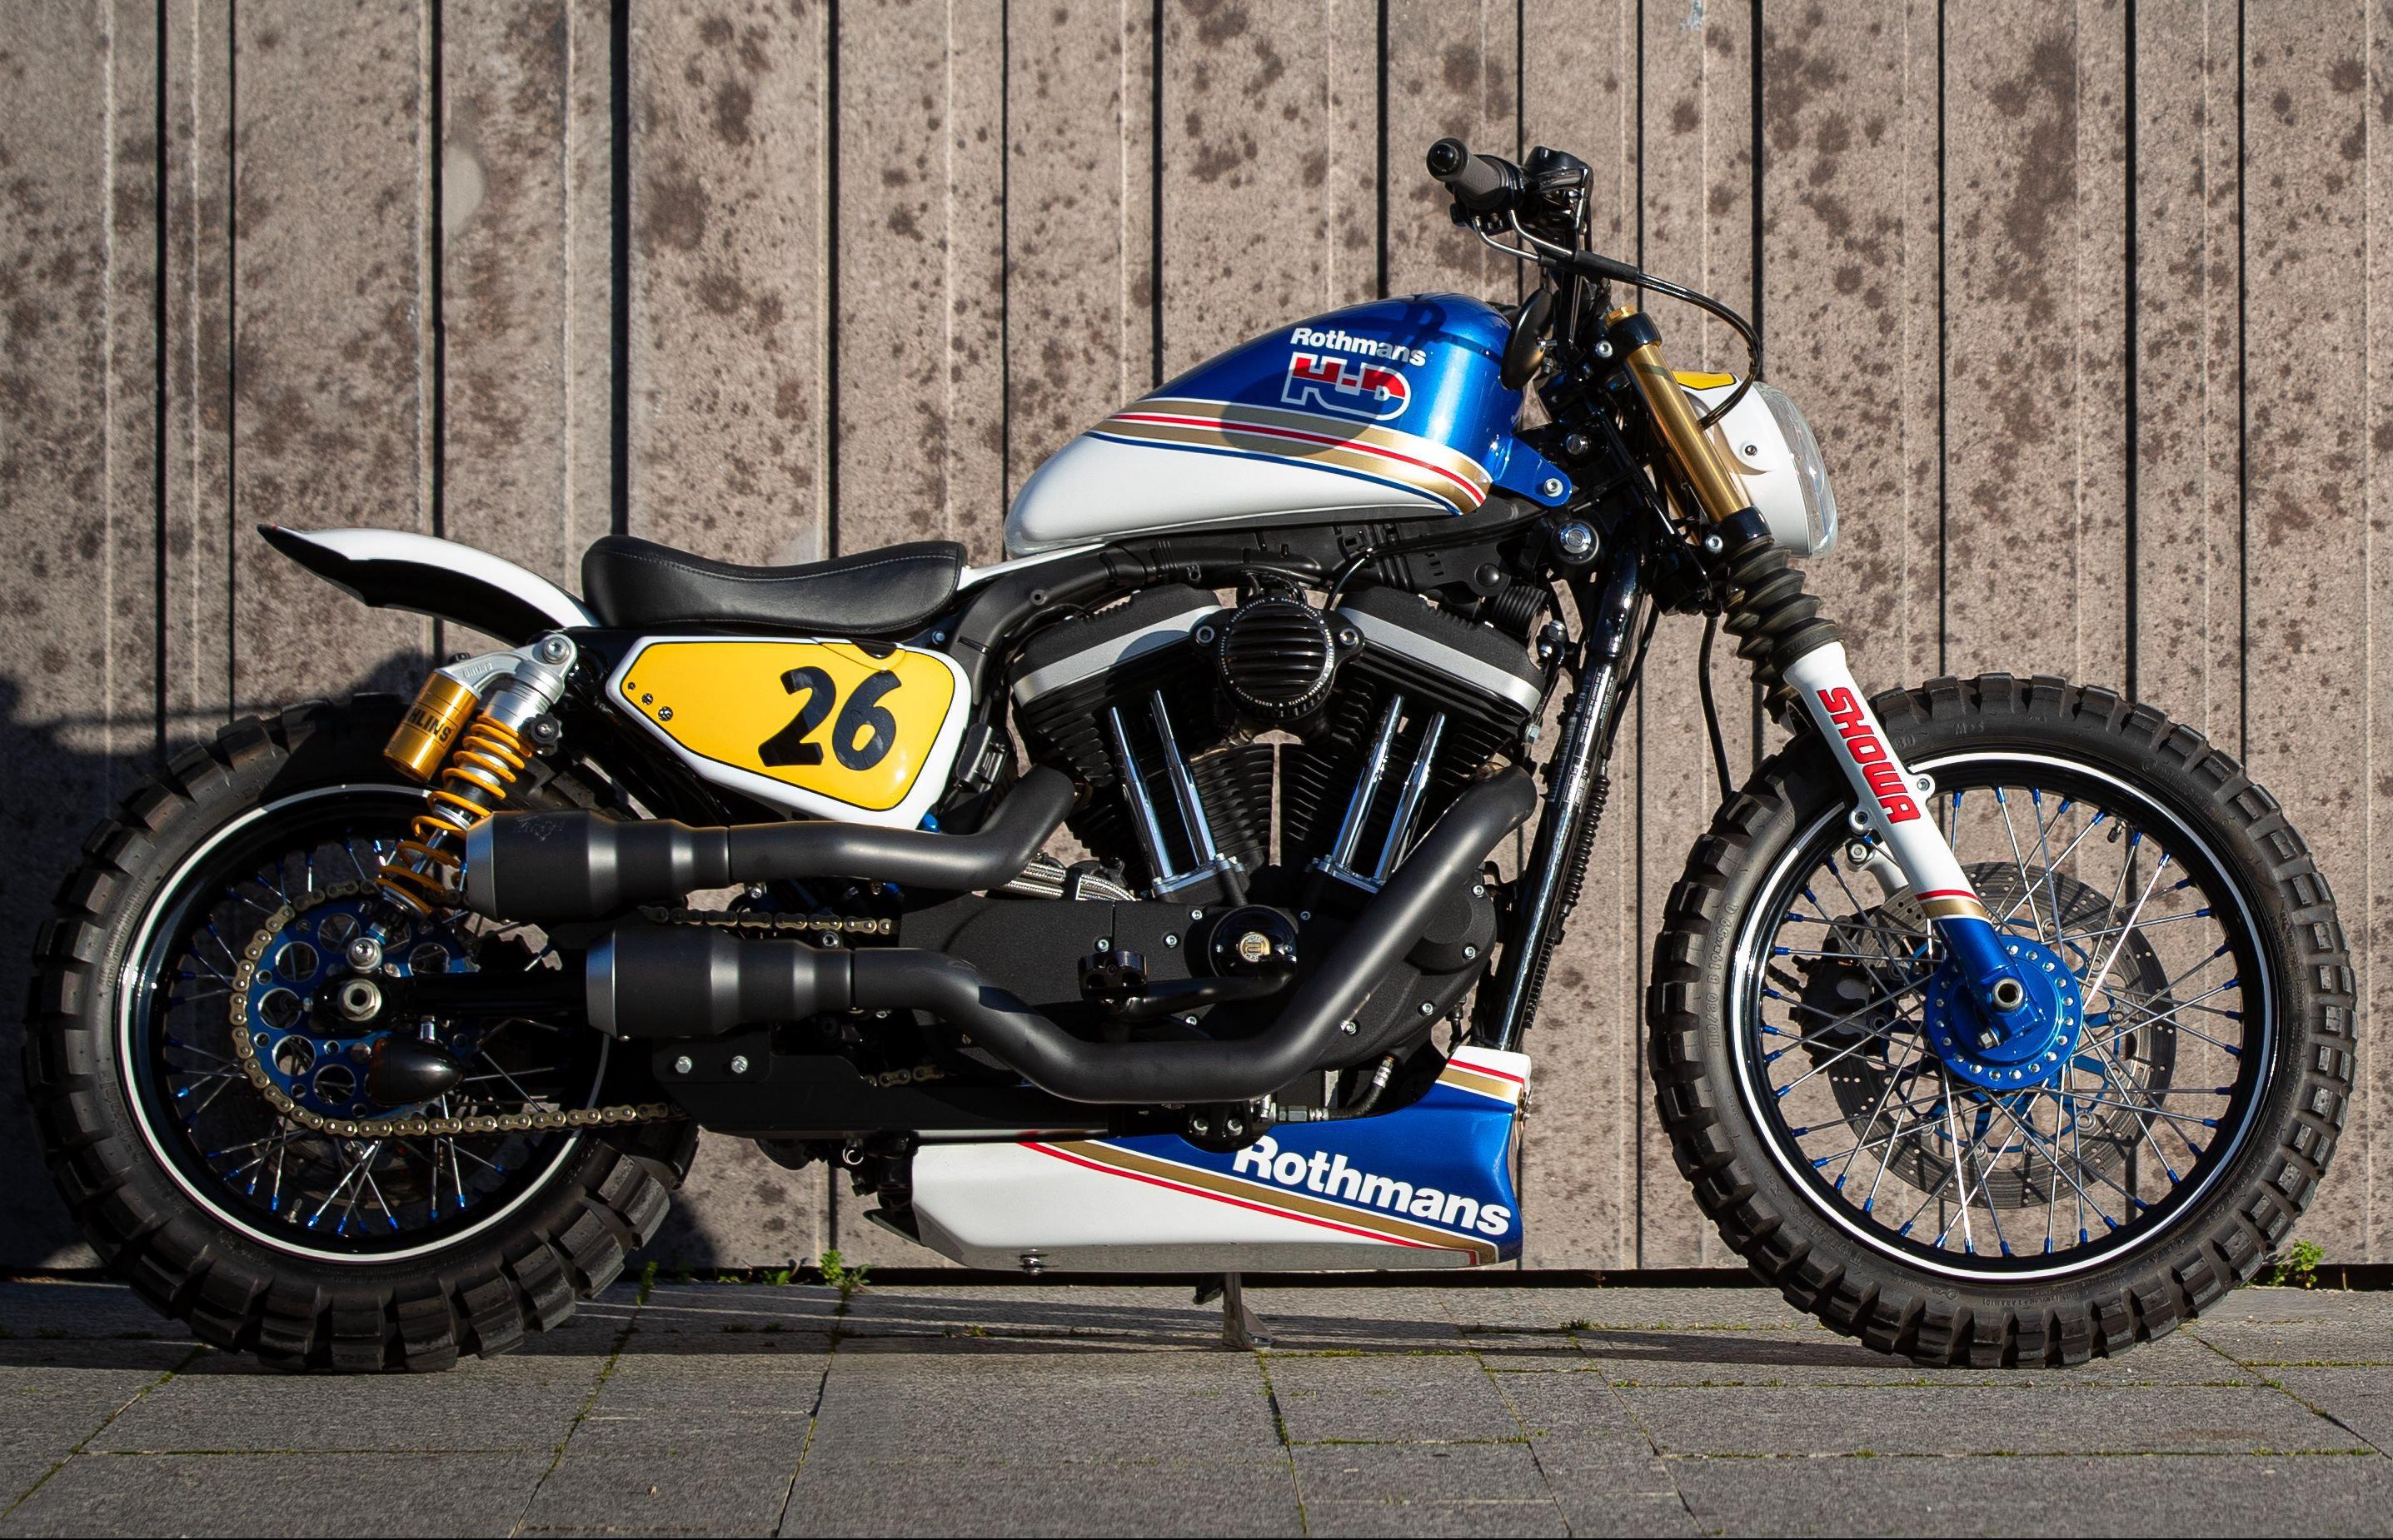 Ngam dan xe Harley-Davidson Sportster lot xac voi ban do Sykes hinh anh 4 2020_Harley_Davidson_Sportster_Custom_5337_e1581412992629.jpg